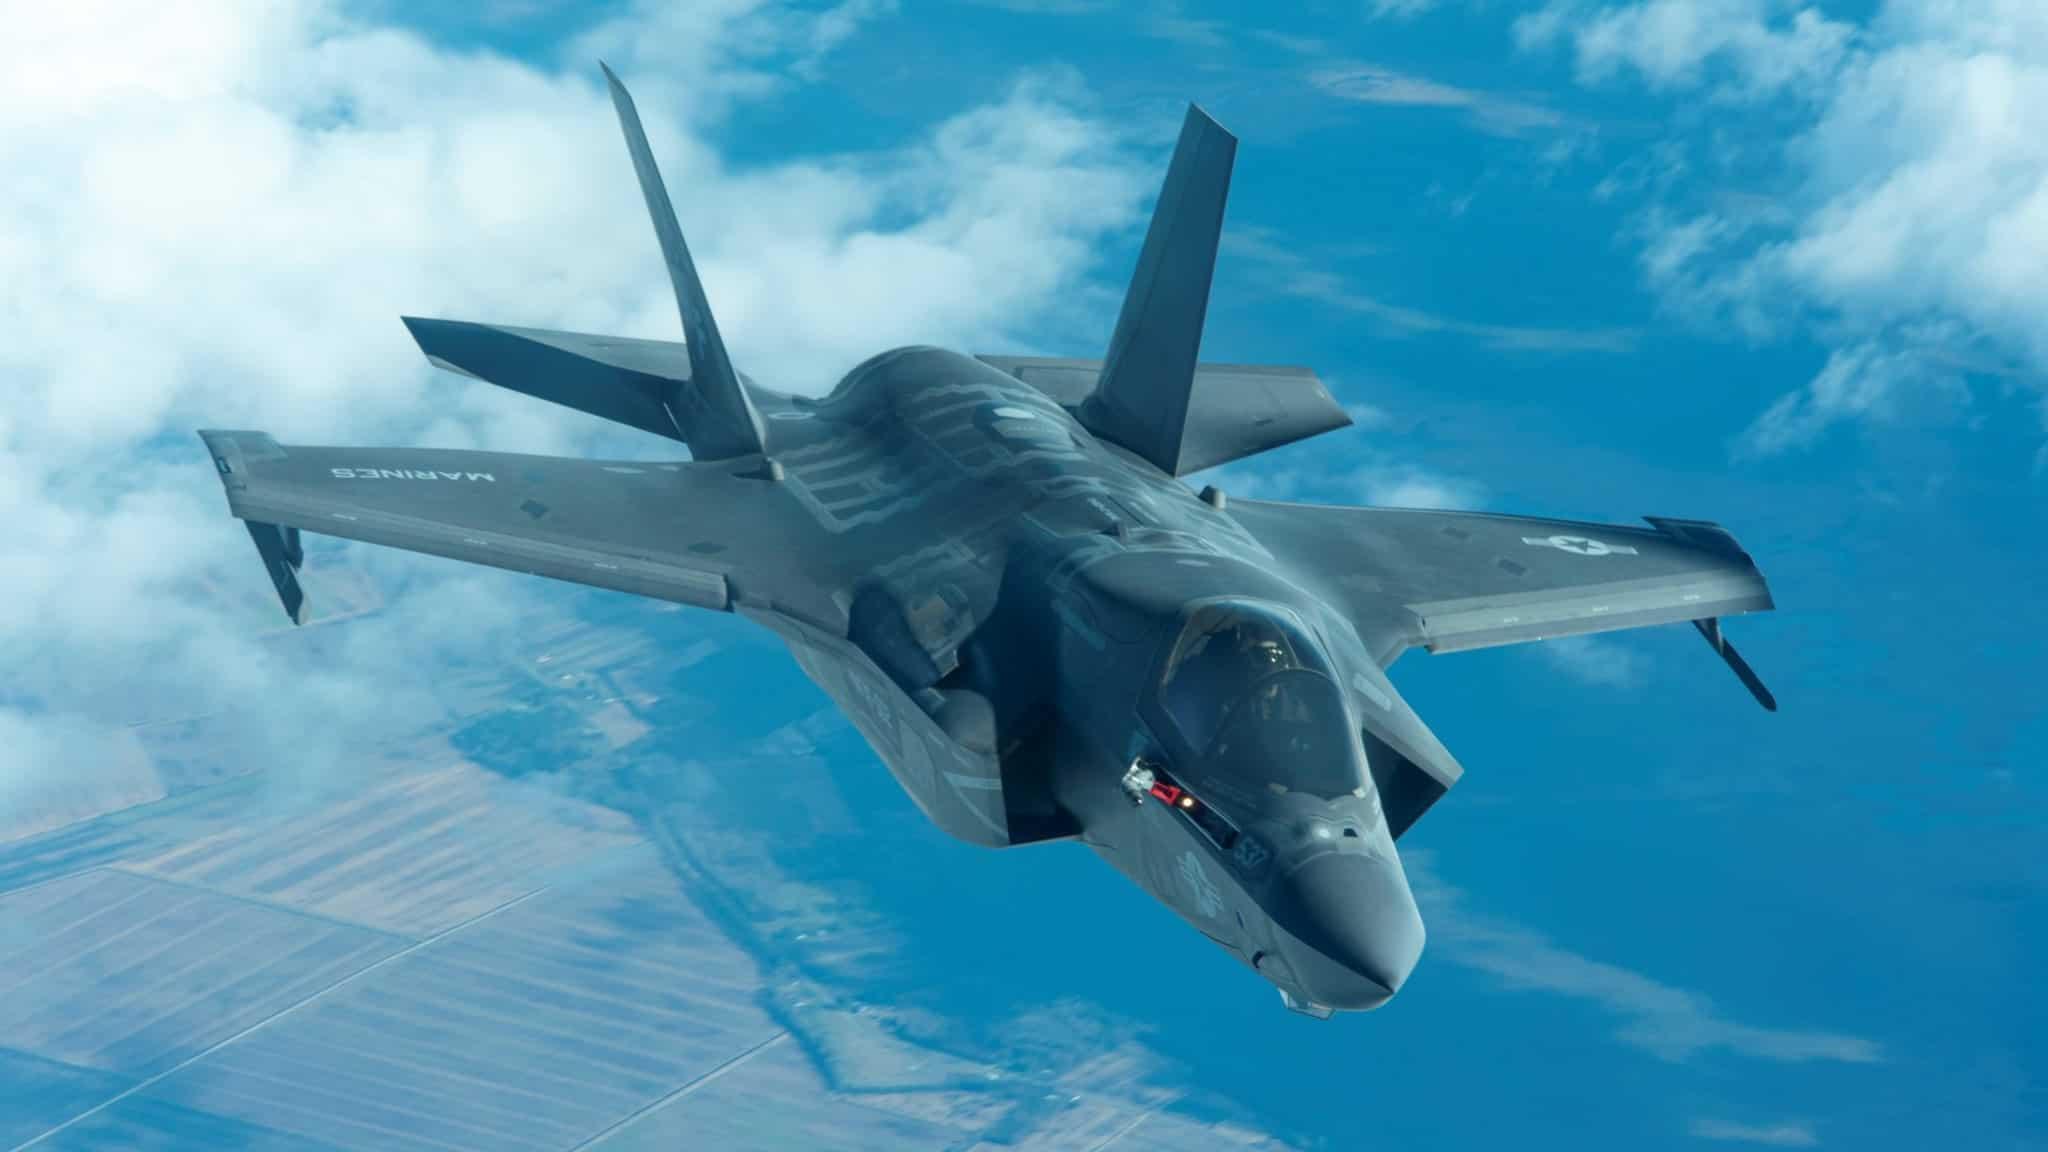 Винищувач F-35. 2020 рік. Фото: ПС США